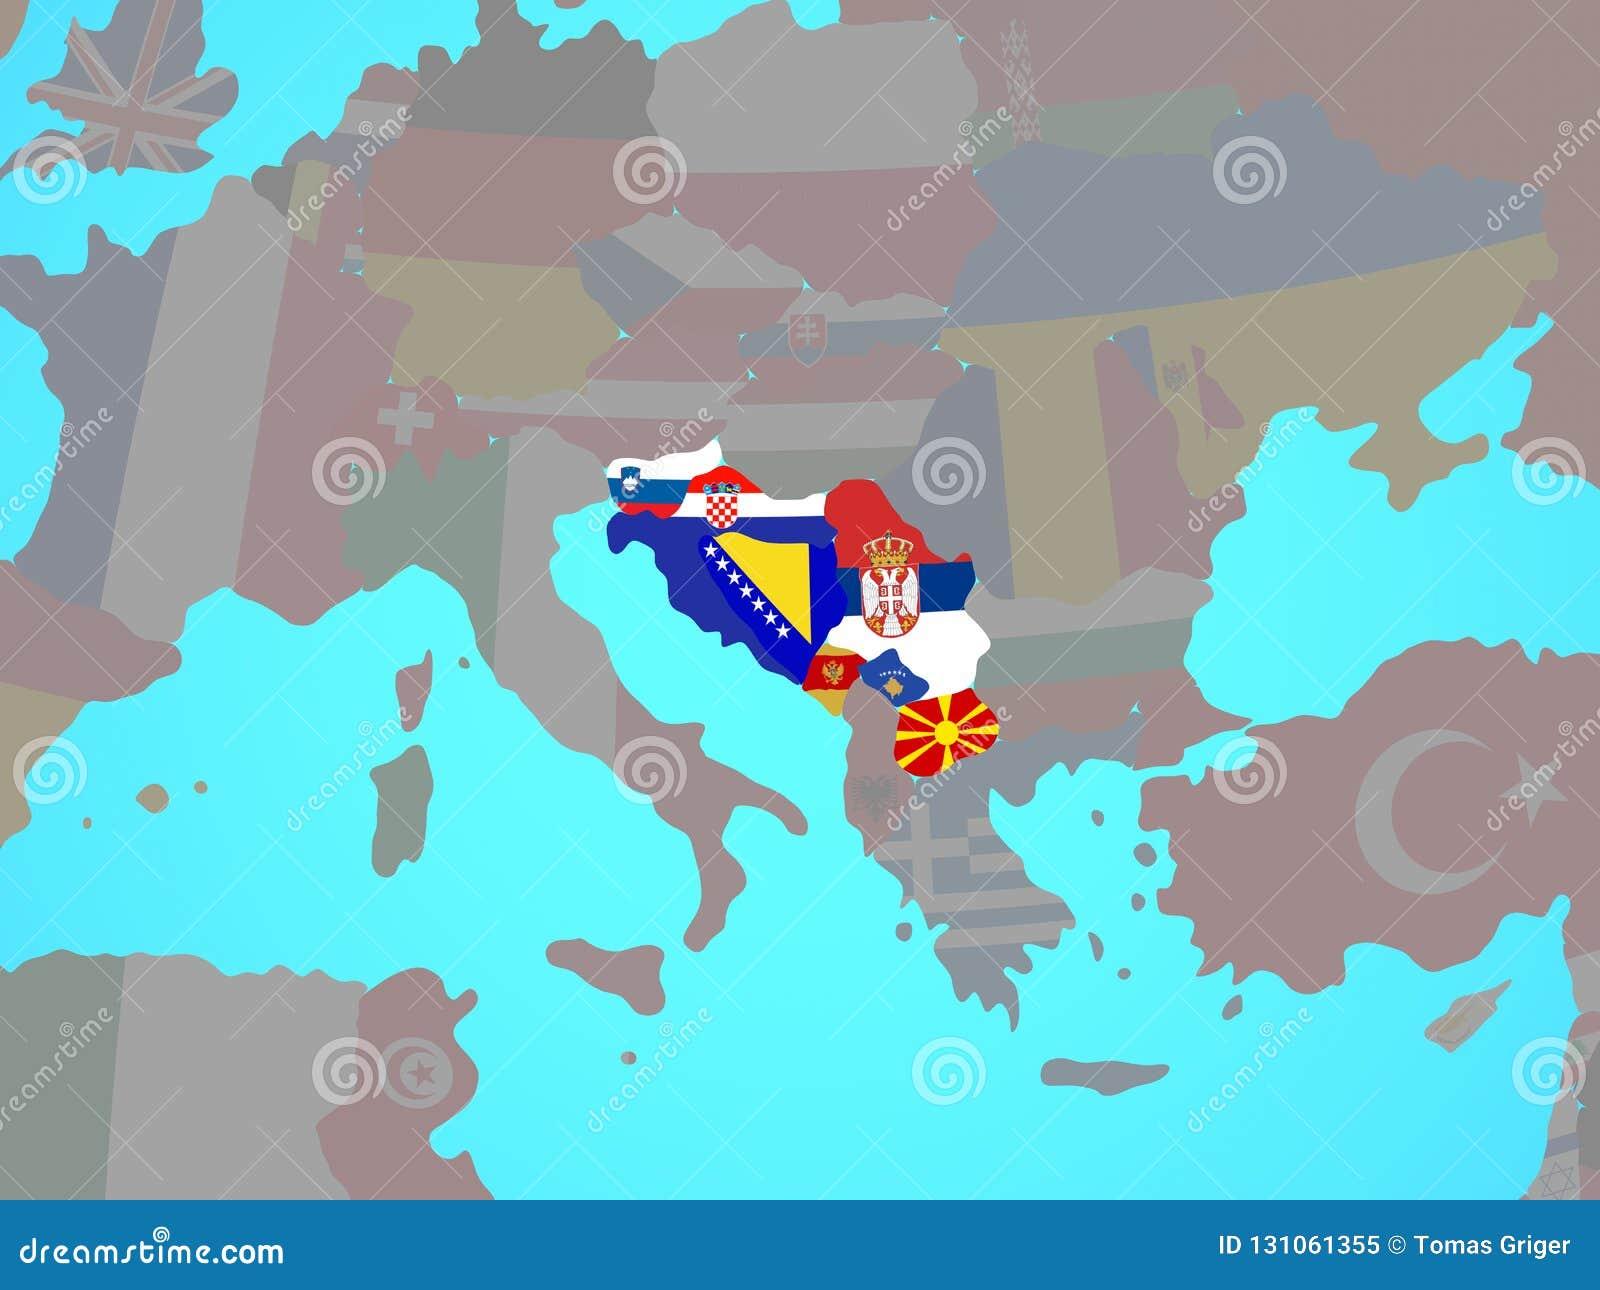 Ex Yougoslavie Carte.Ex Yougoslavie Avec Des Drapeaux Sur La Carte Illustration